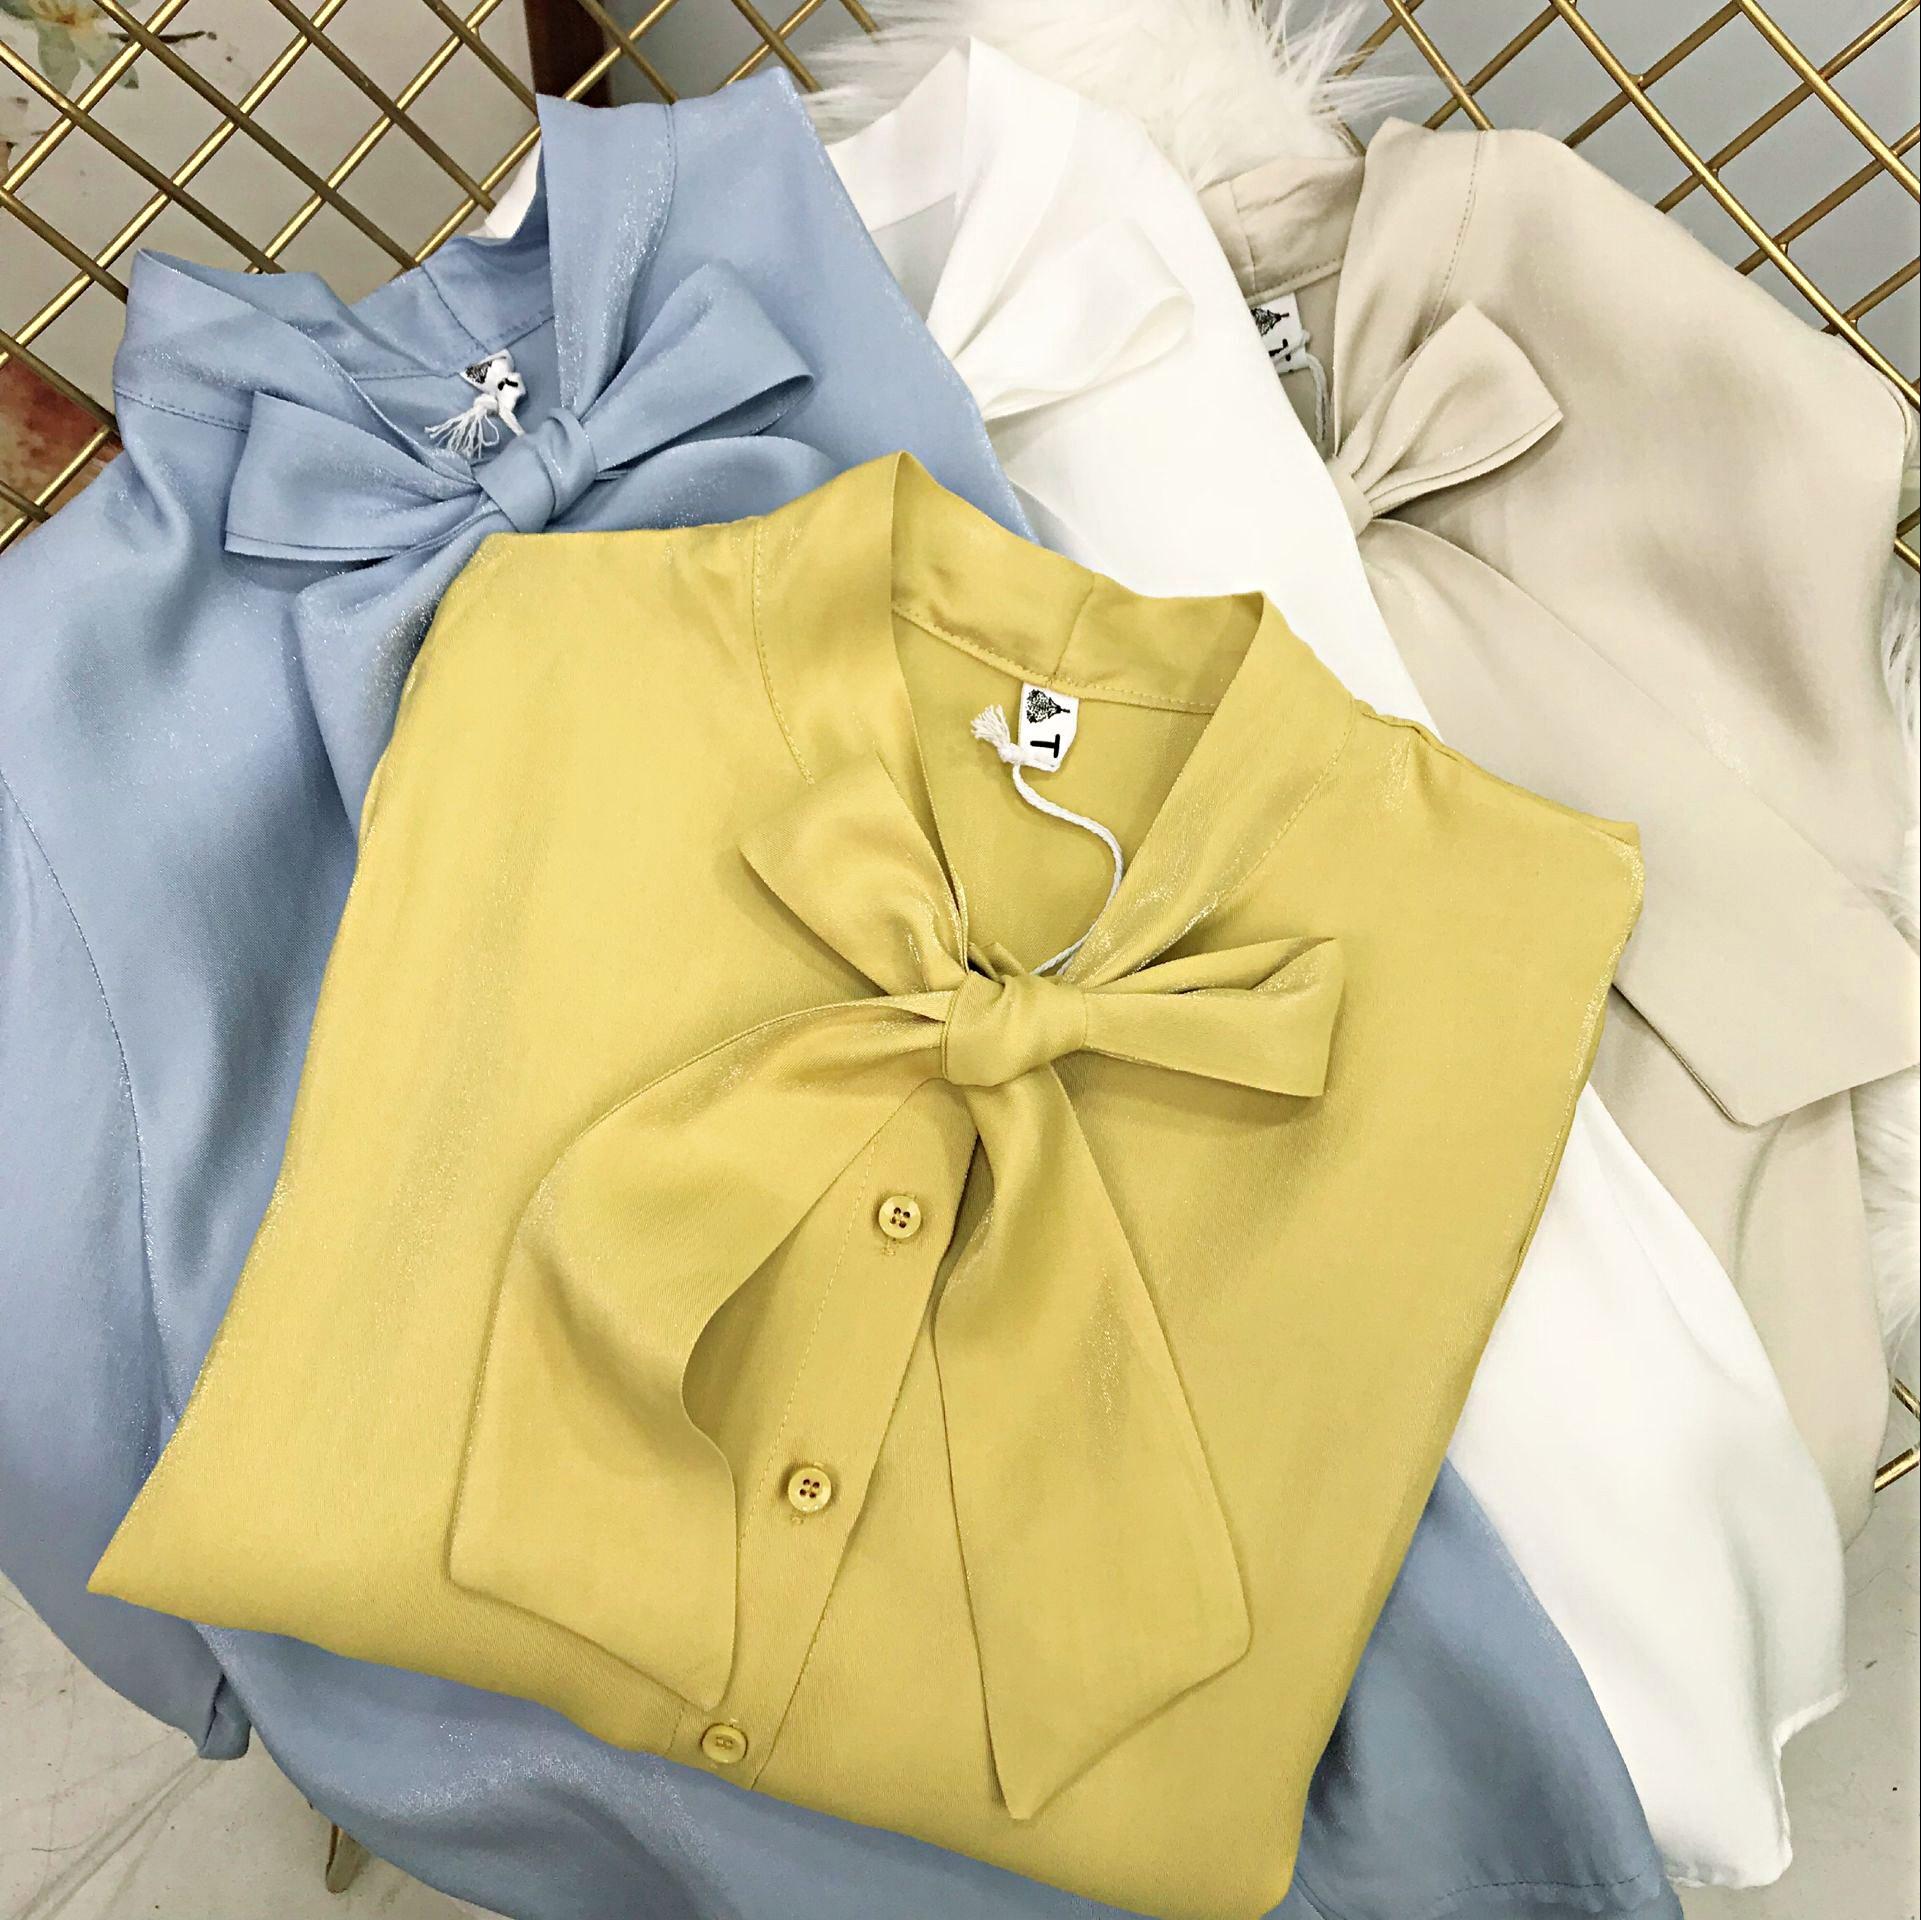 韩版春季新品上衣蝴蝶结系带长袖雪纺衫女宽松大码珠光纯色衬夏潮